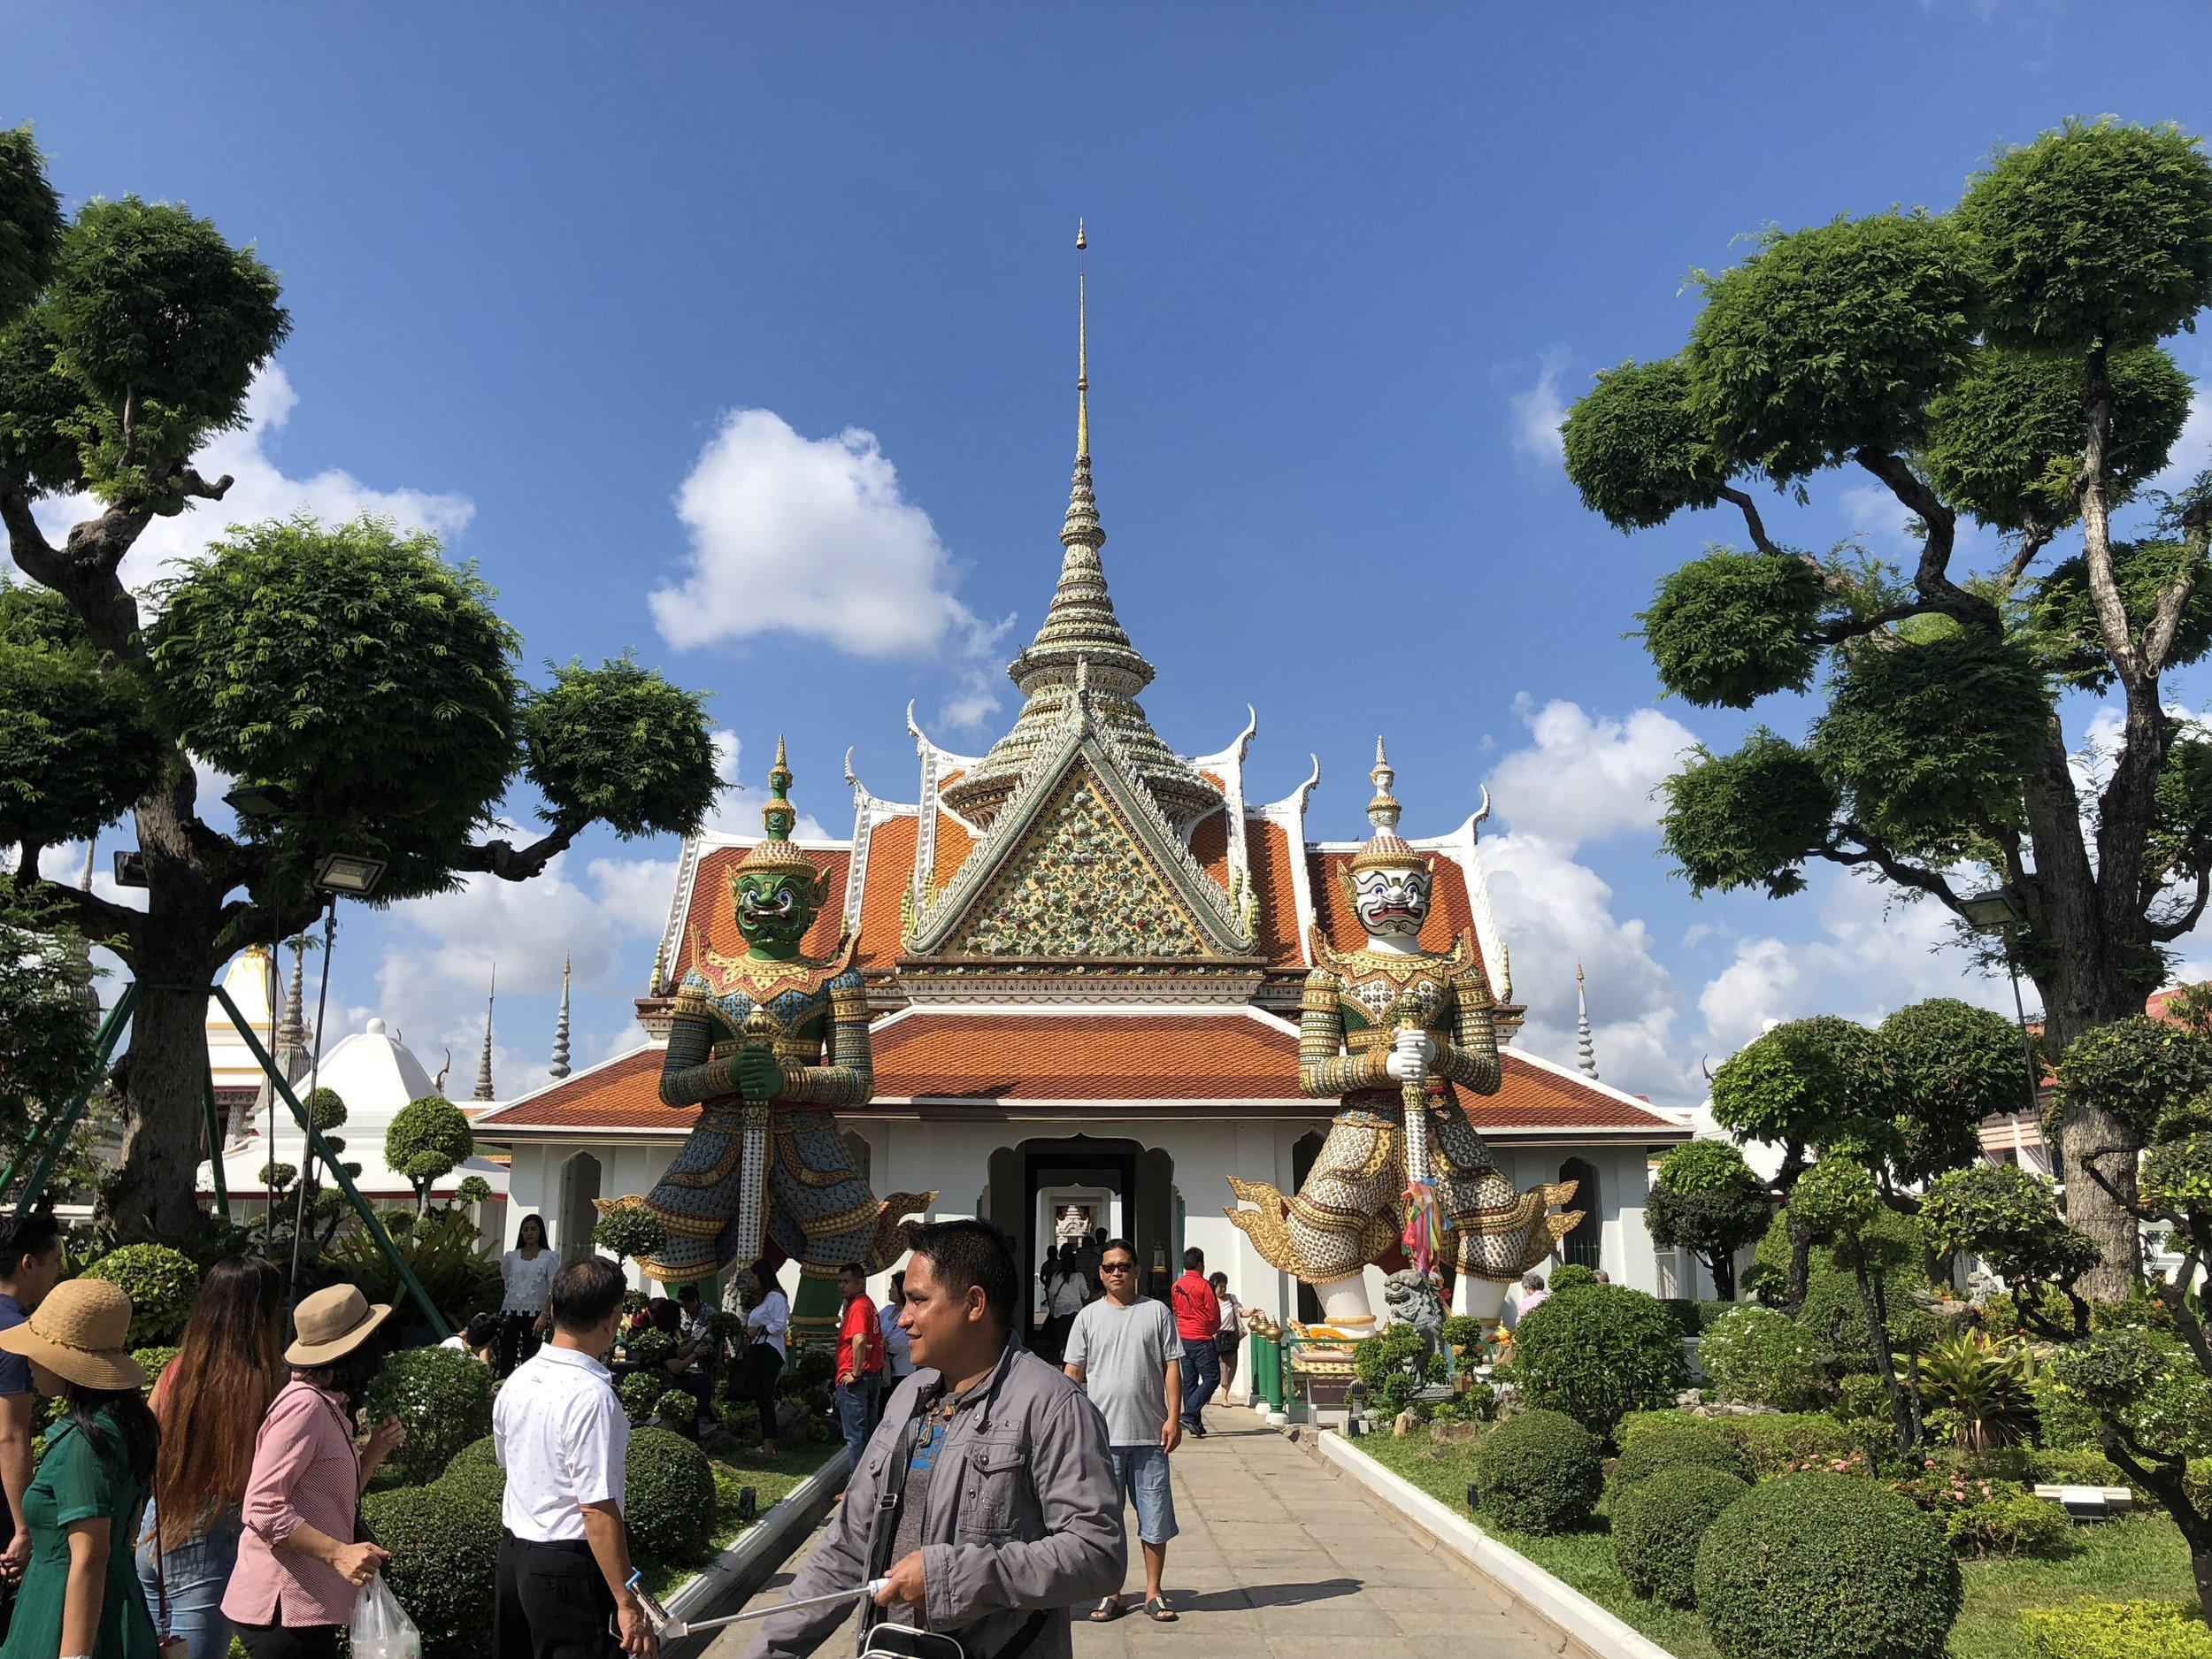 Los guardianes al frente de una sala de oración en Wat Arun Ratchawararam.